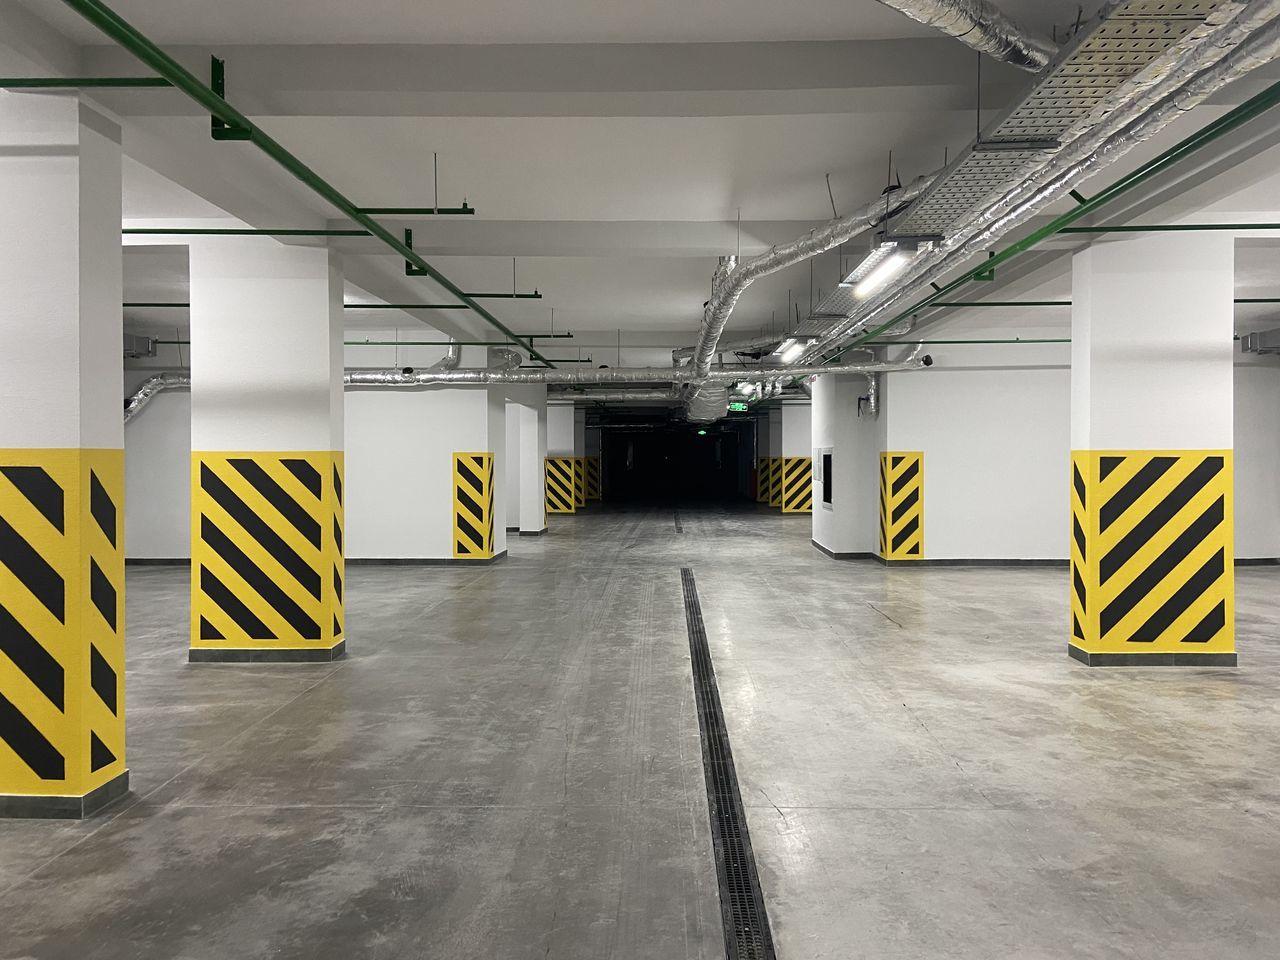 Parcare subterană, Centru, str. Albișoara 78/4